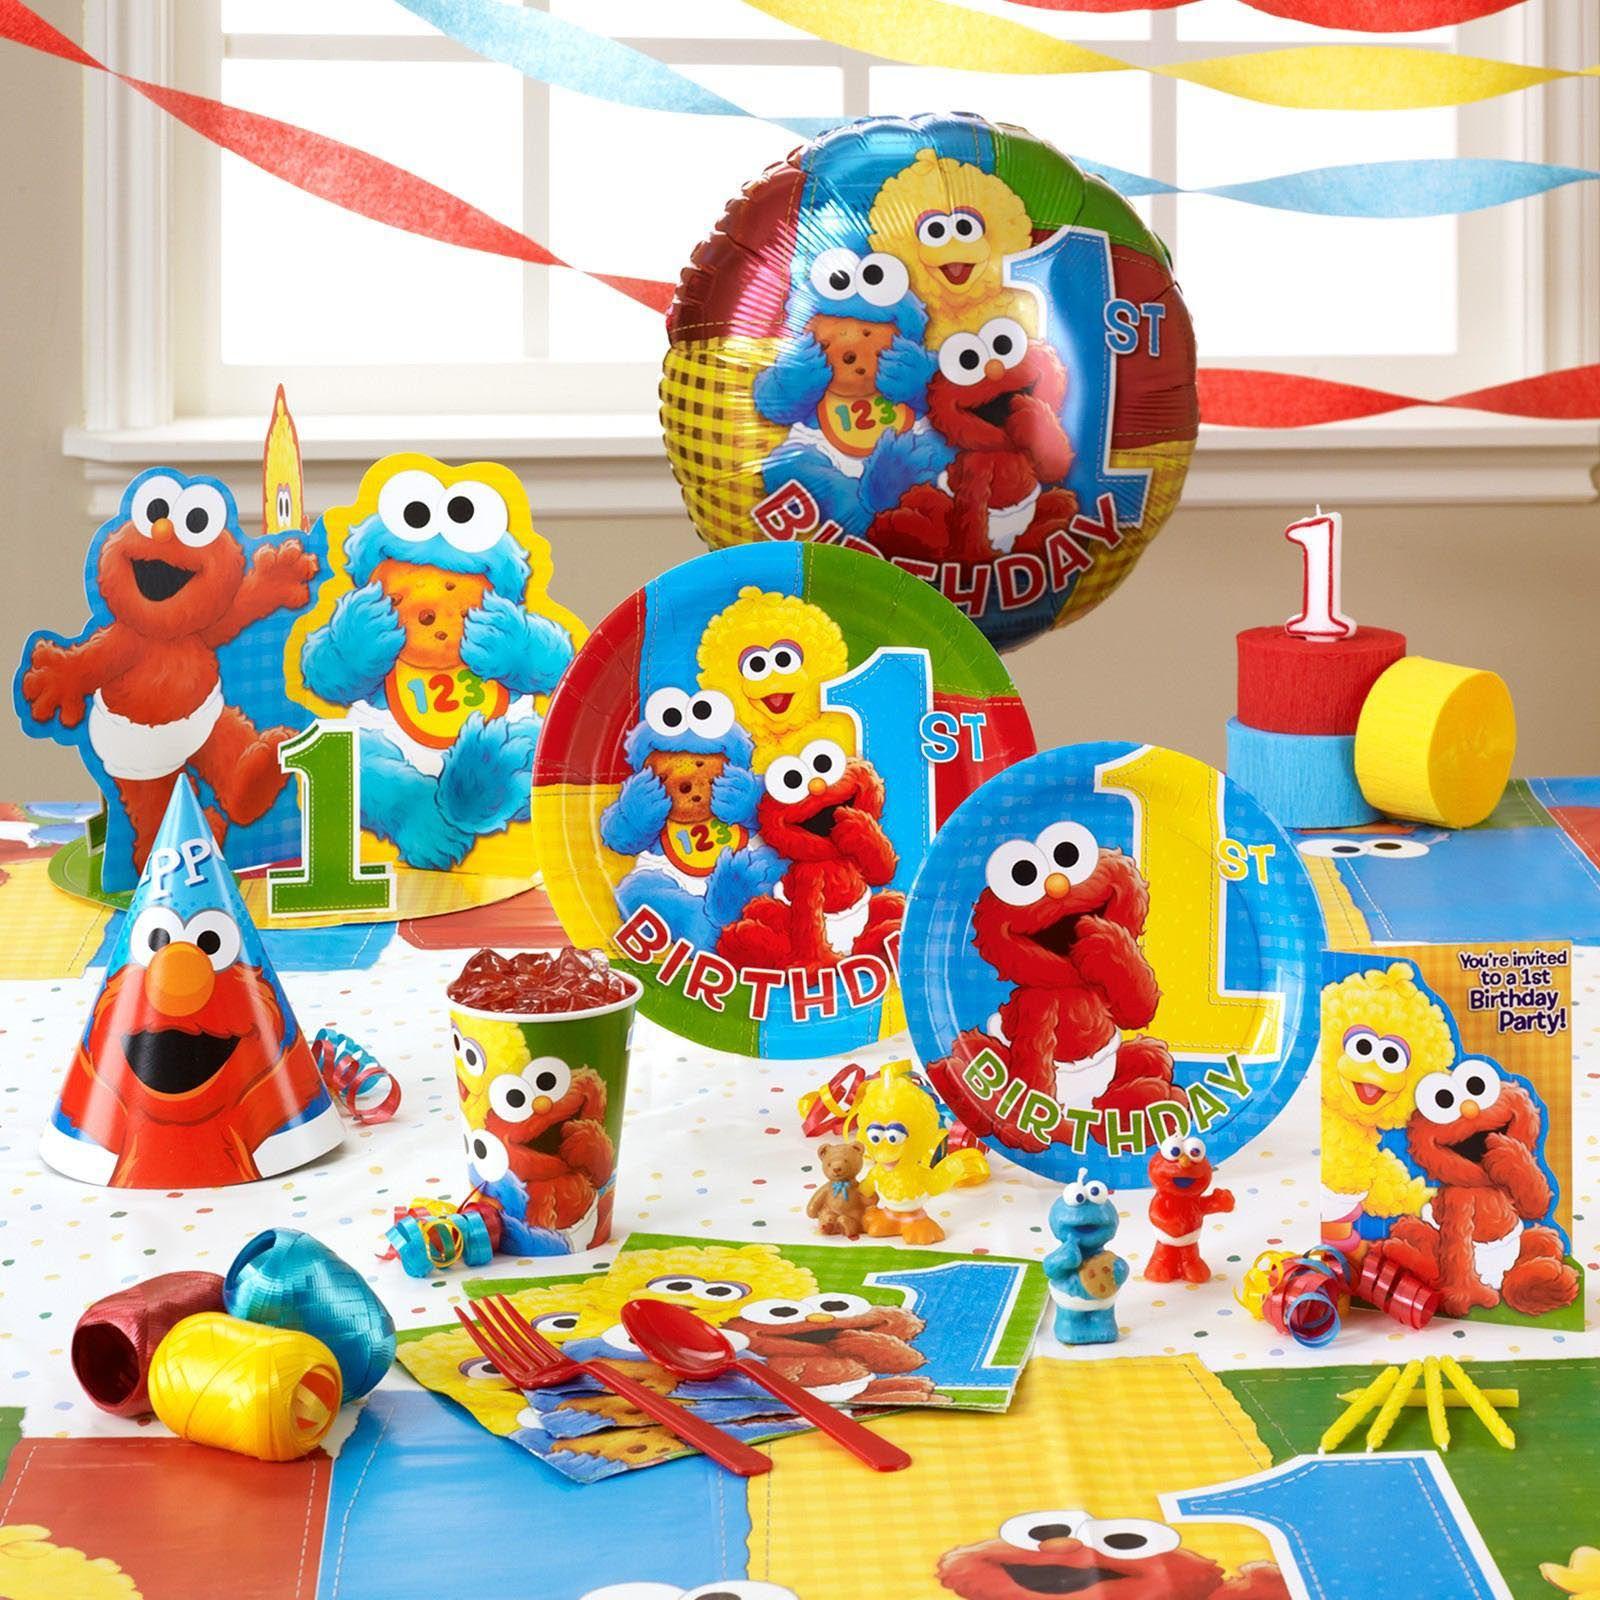 Elmo 1st Birthday Party Supplies Elmo Birthday Party Supplies Sesame St Party Greeting Cards Party Supply Party Supplies